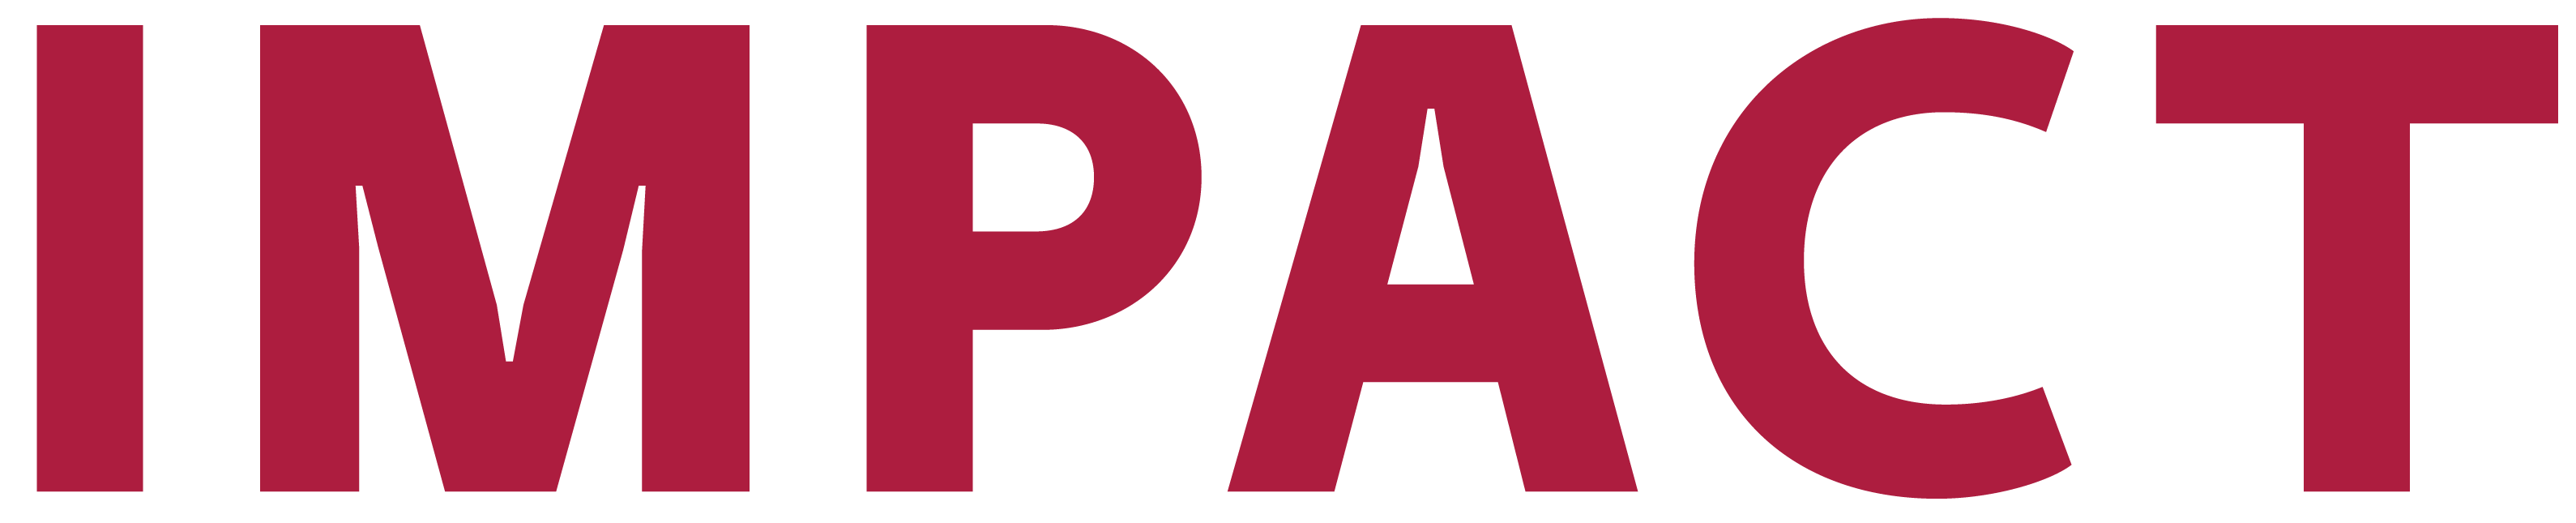 IMPACT_impact.png